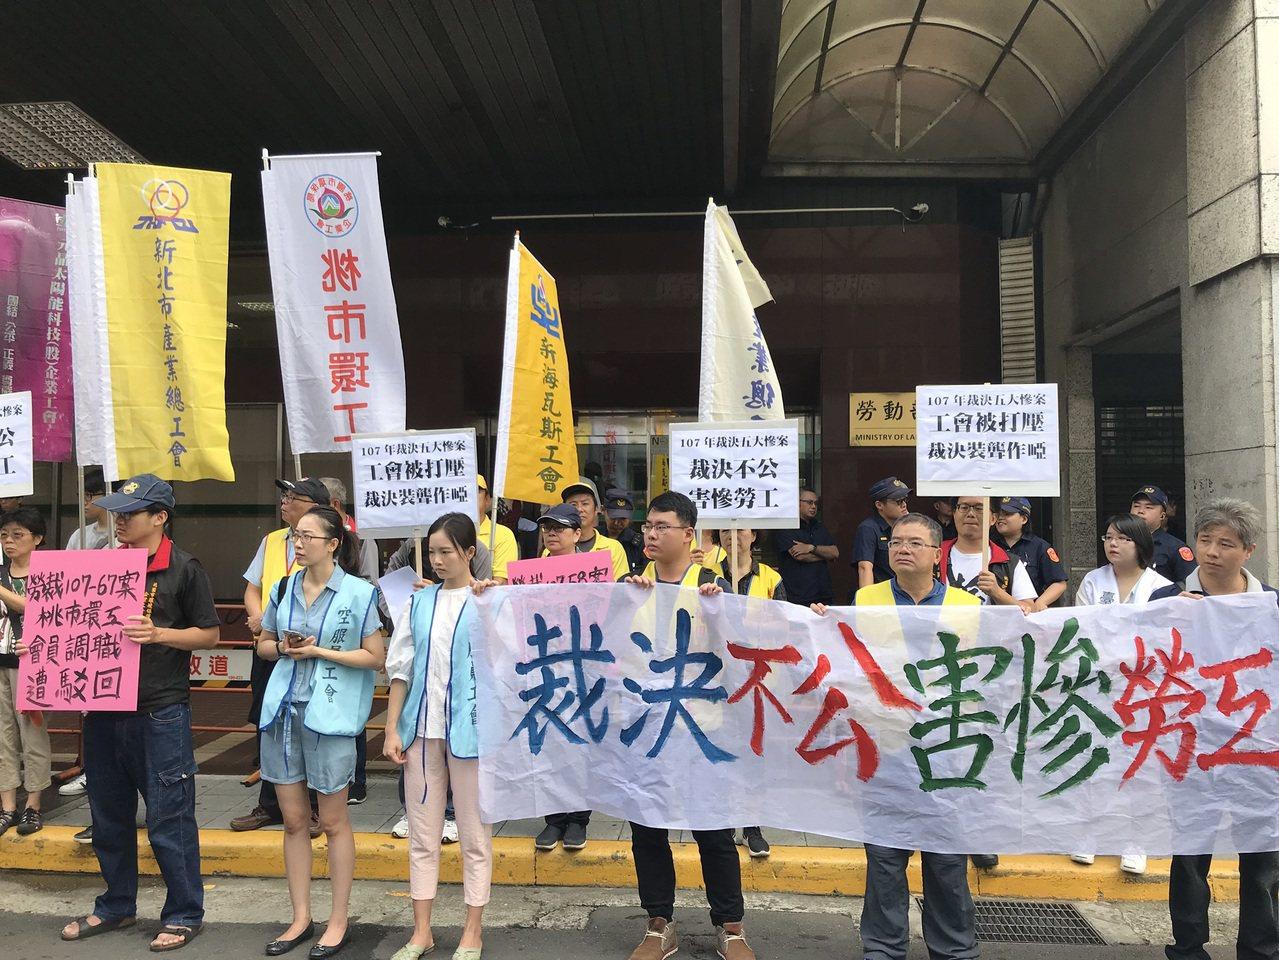 勞團今在勞動部前抗議,高喊「裁決不公,害慘勞工!」。記者葉冠妤/攝影